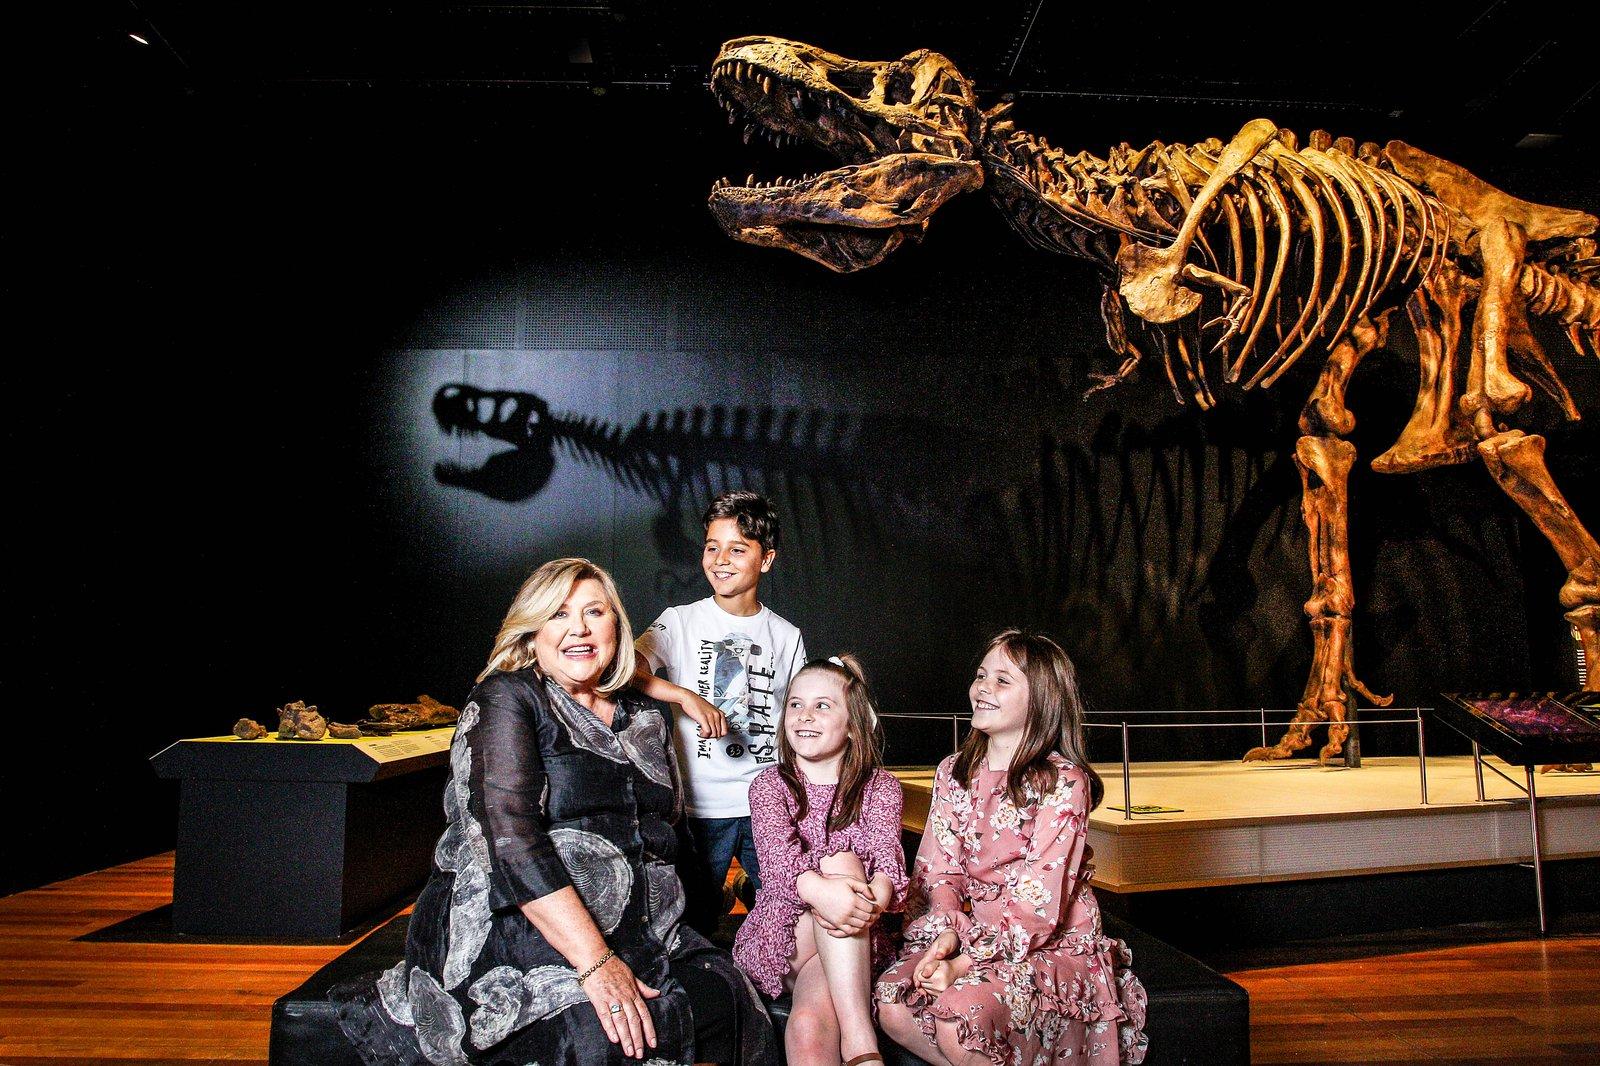 Visitors near T.rex fossil